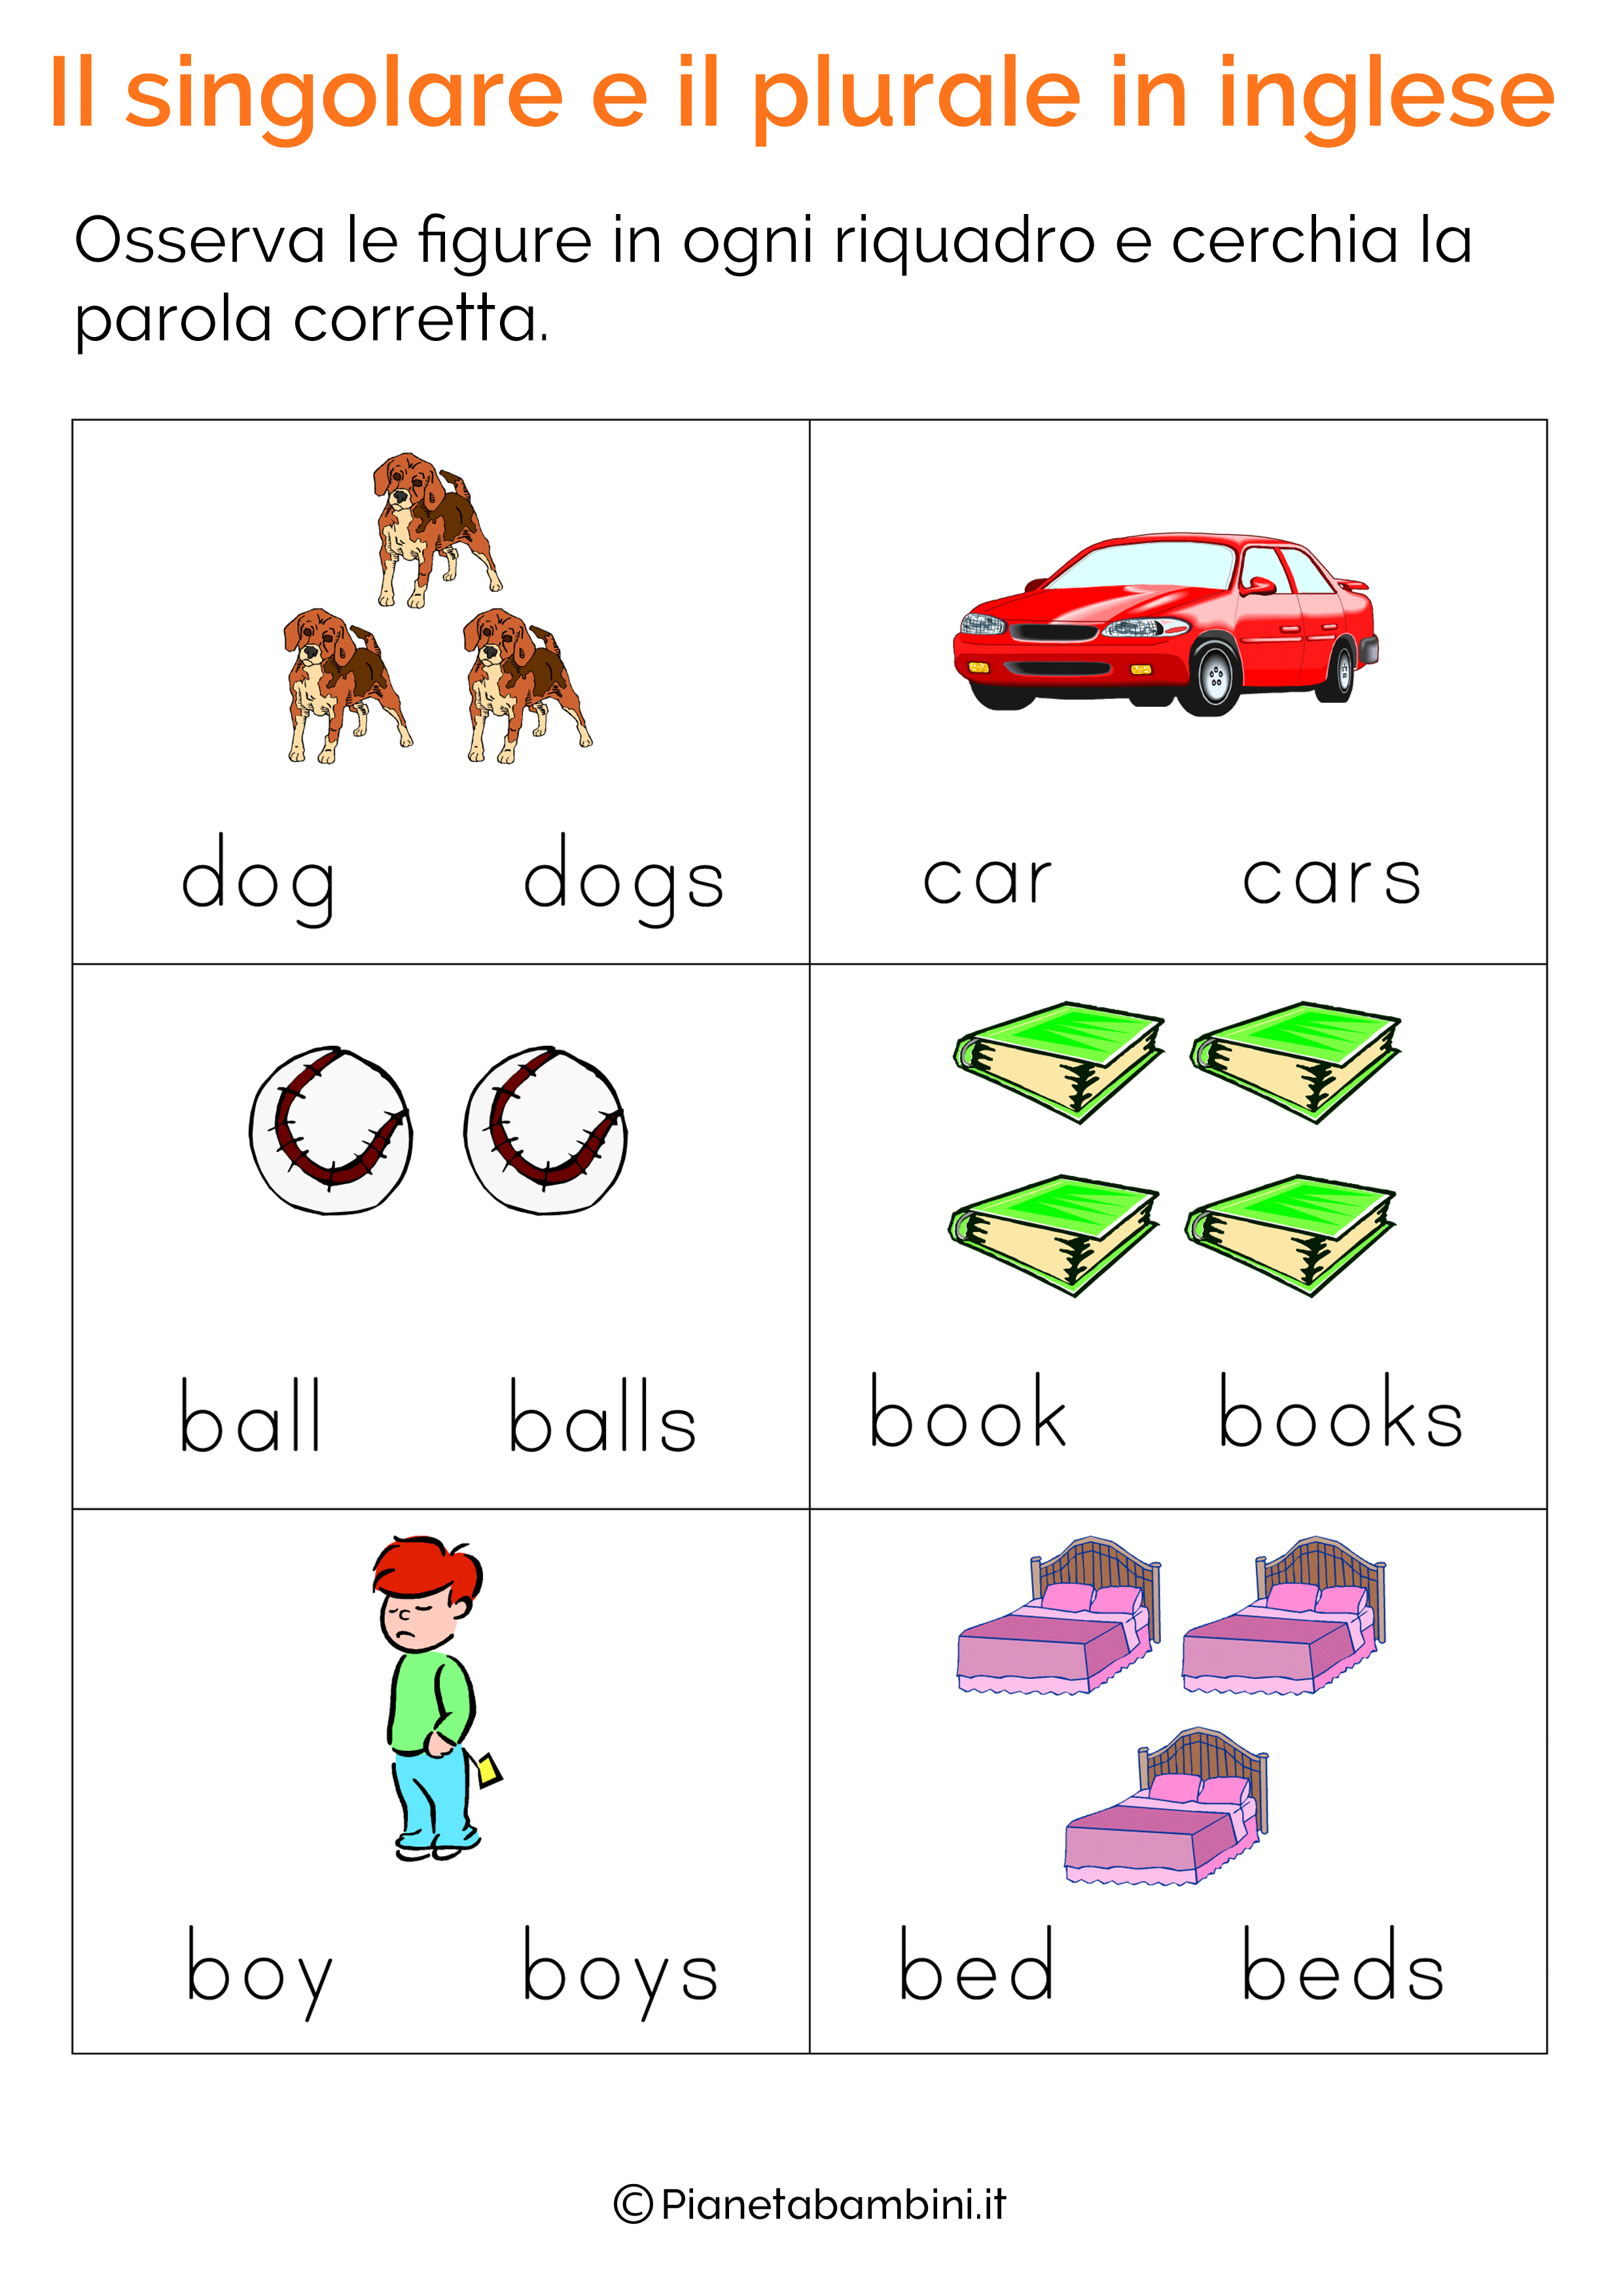 Esercizi Sul Singolare E Plurale In Inglese Per Bambini Da